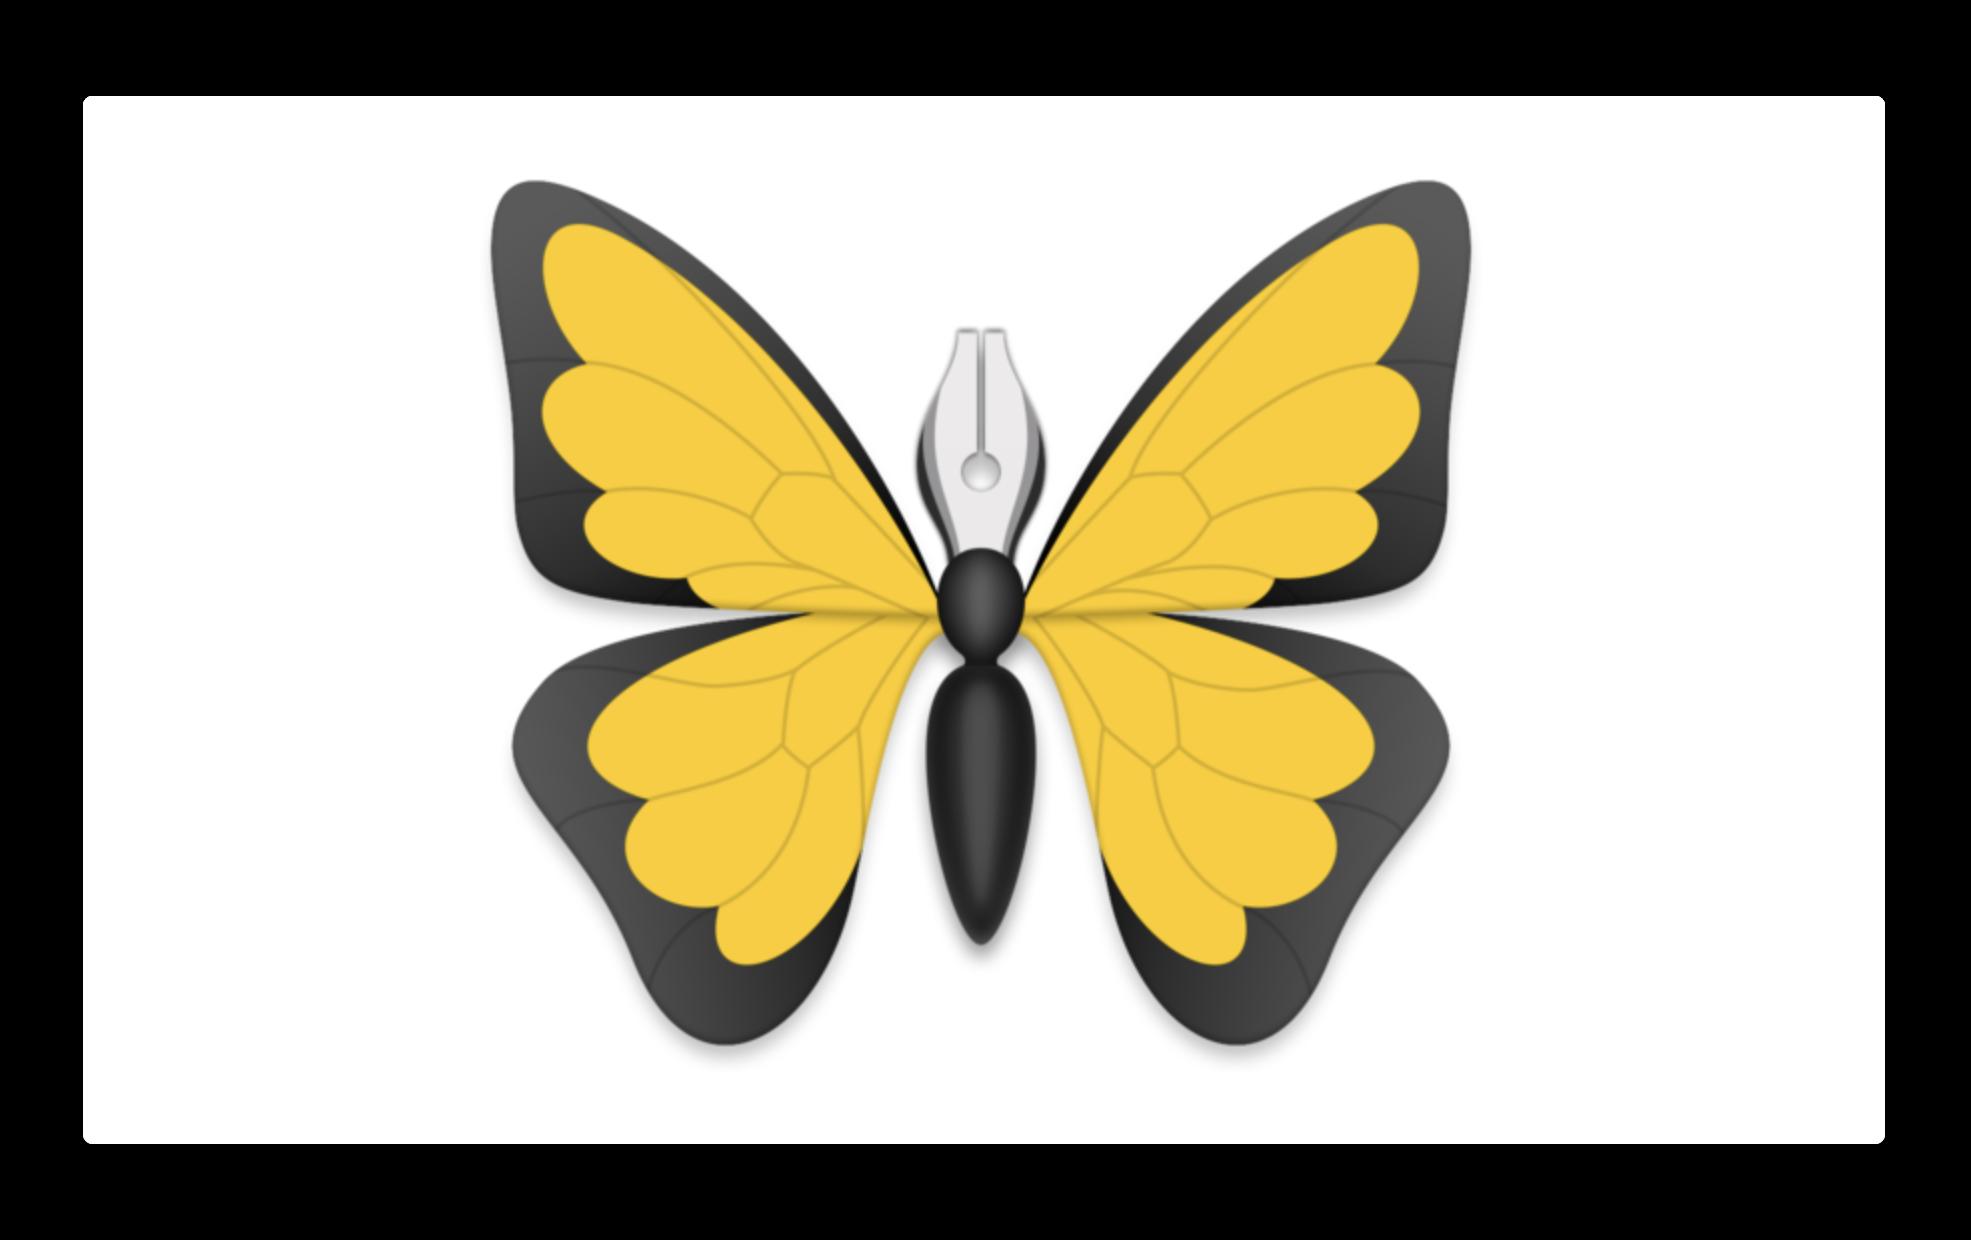 【Mac】統計情報、ナビゲータ、および添付ファイルにすばやくアクセスできる「ダッシュボード」などを追加したUlysses 20がリリース